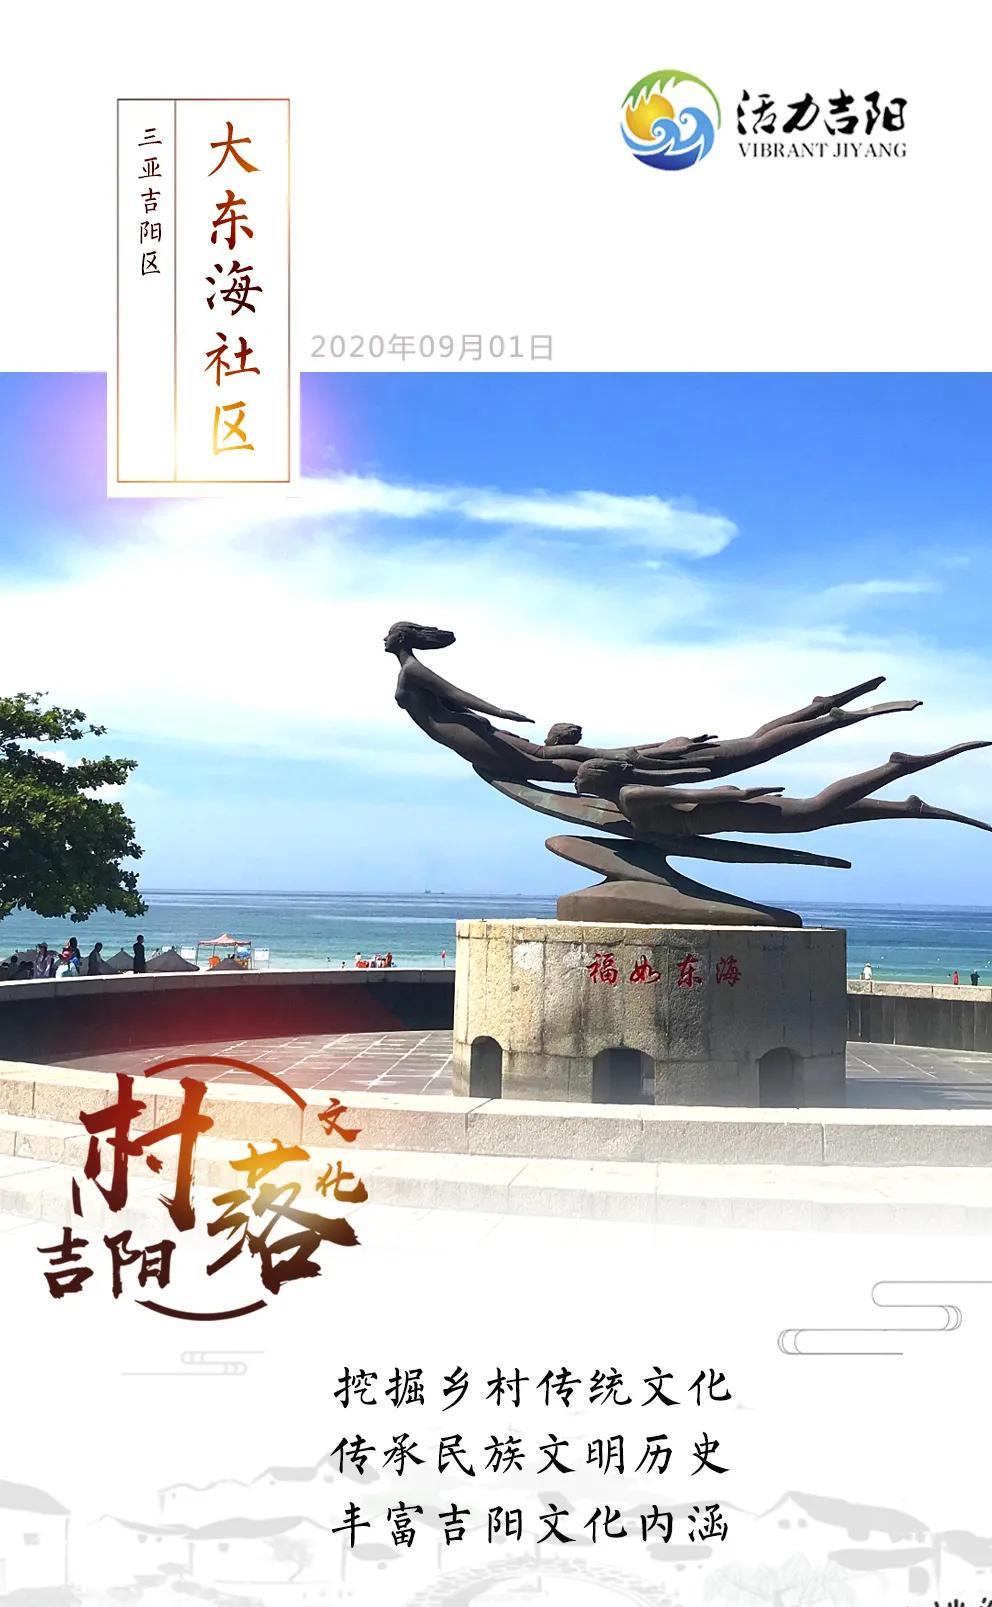 吉阳村落文化丨福:一个字和一片海的故事